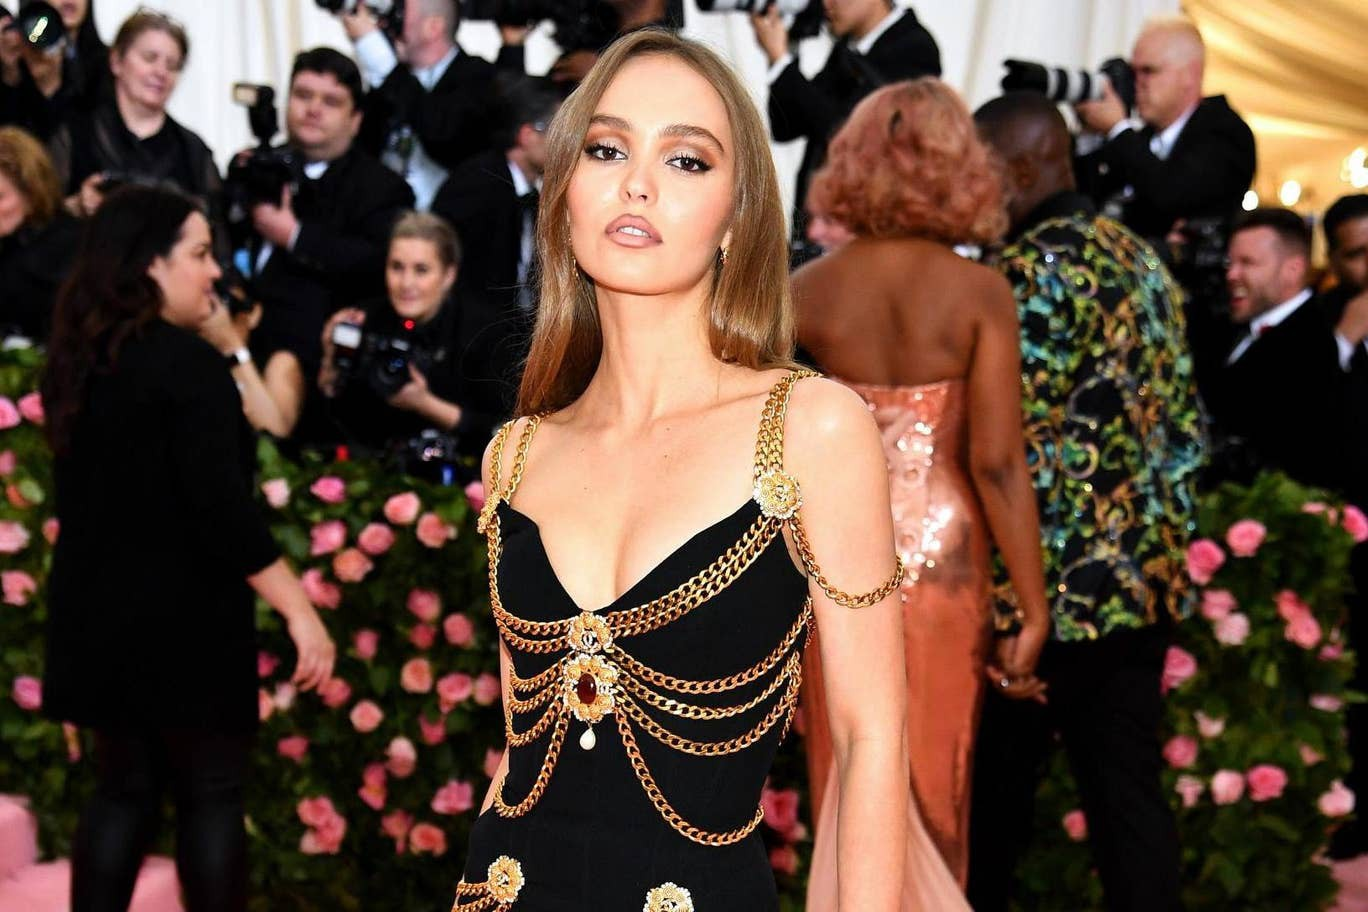 Nhan sắc tuổi 20 của ái nữ nhà Johnny Depp: Đẹp lạ, thần thái siêu mẫu ngút ngàn chẳng kém ai - Ảnh 3.